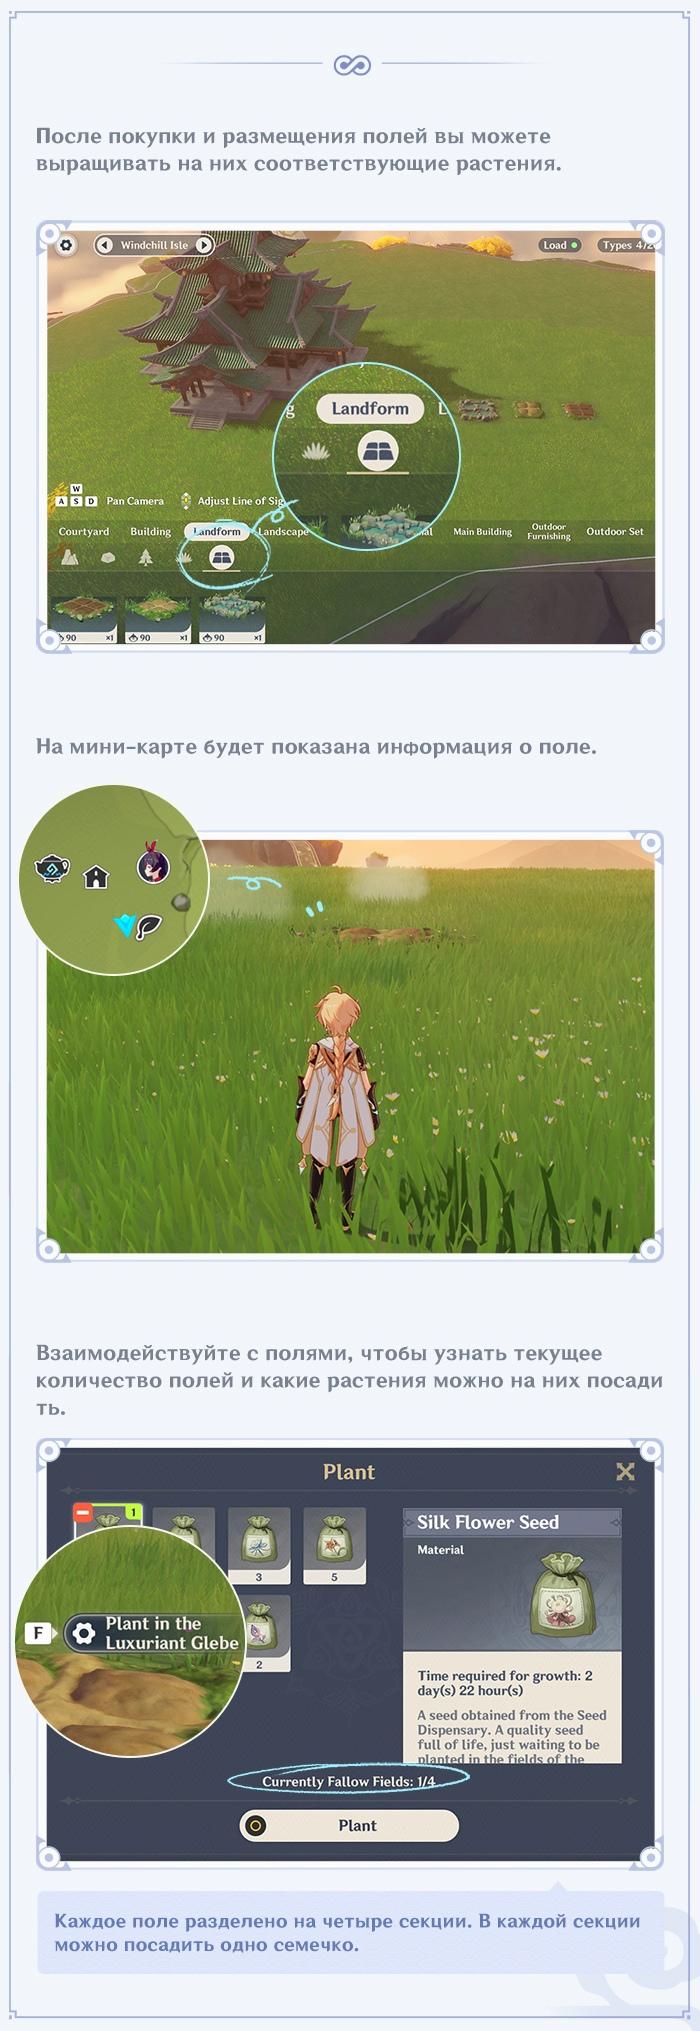 Новое в Чайнике безмятежности версии 2.0. Садоводство, зображення №5